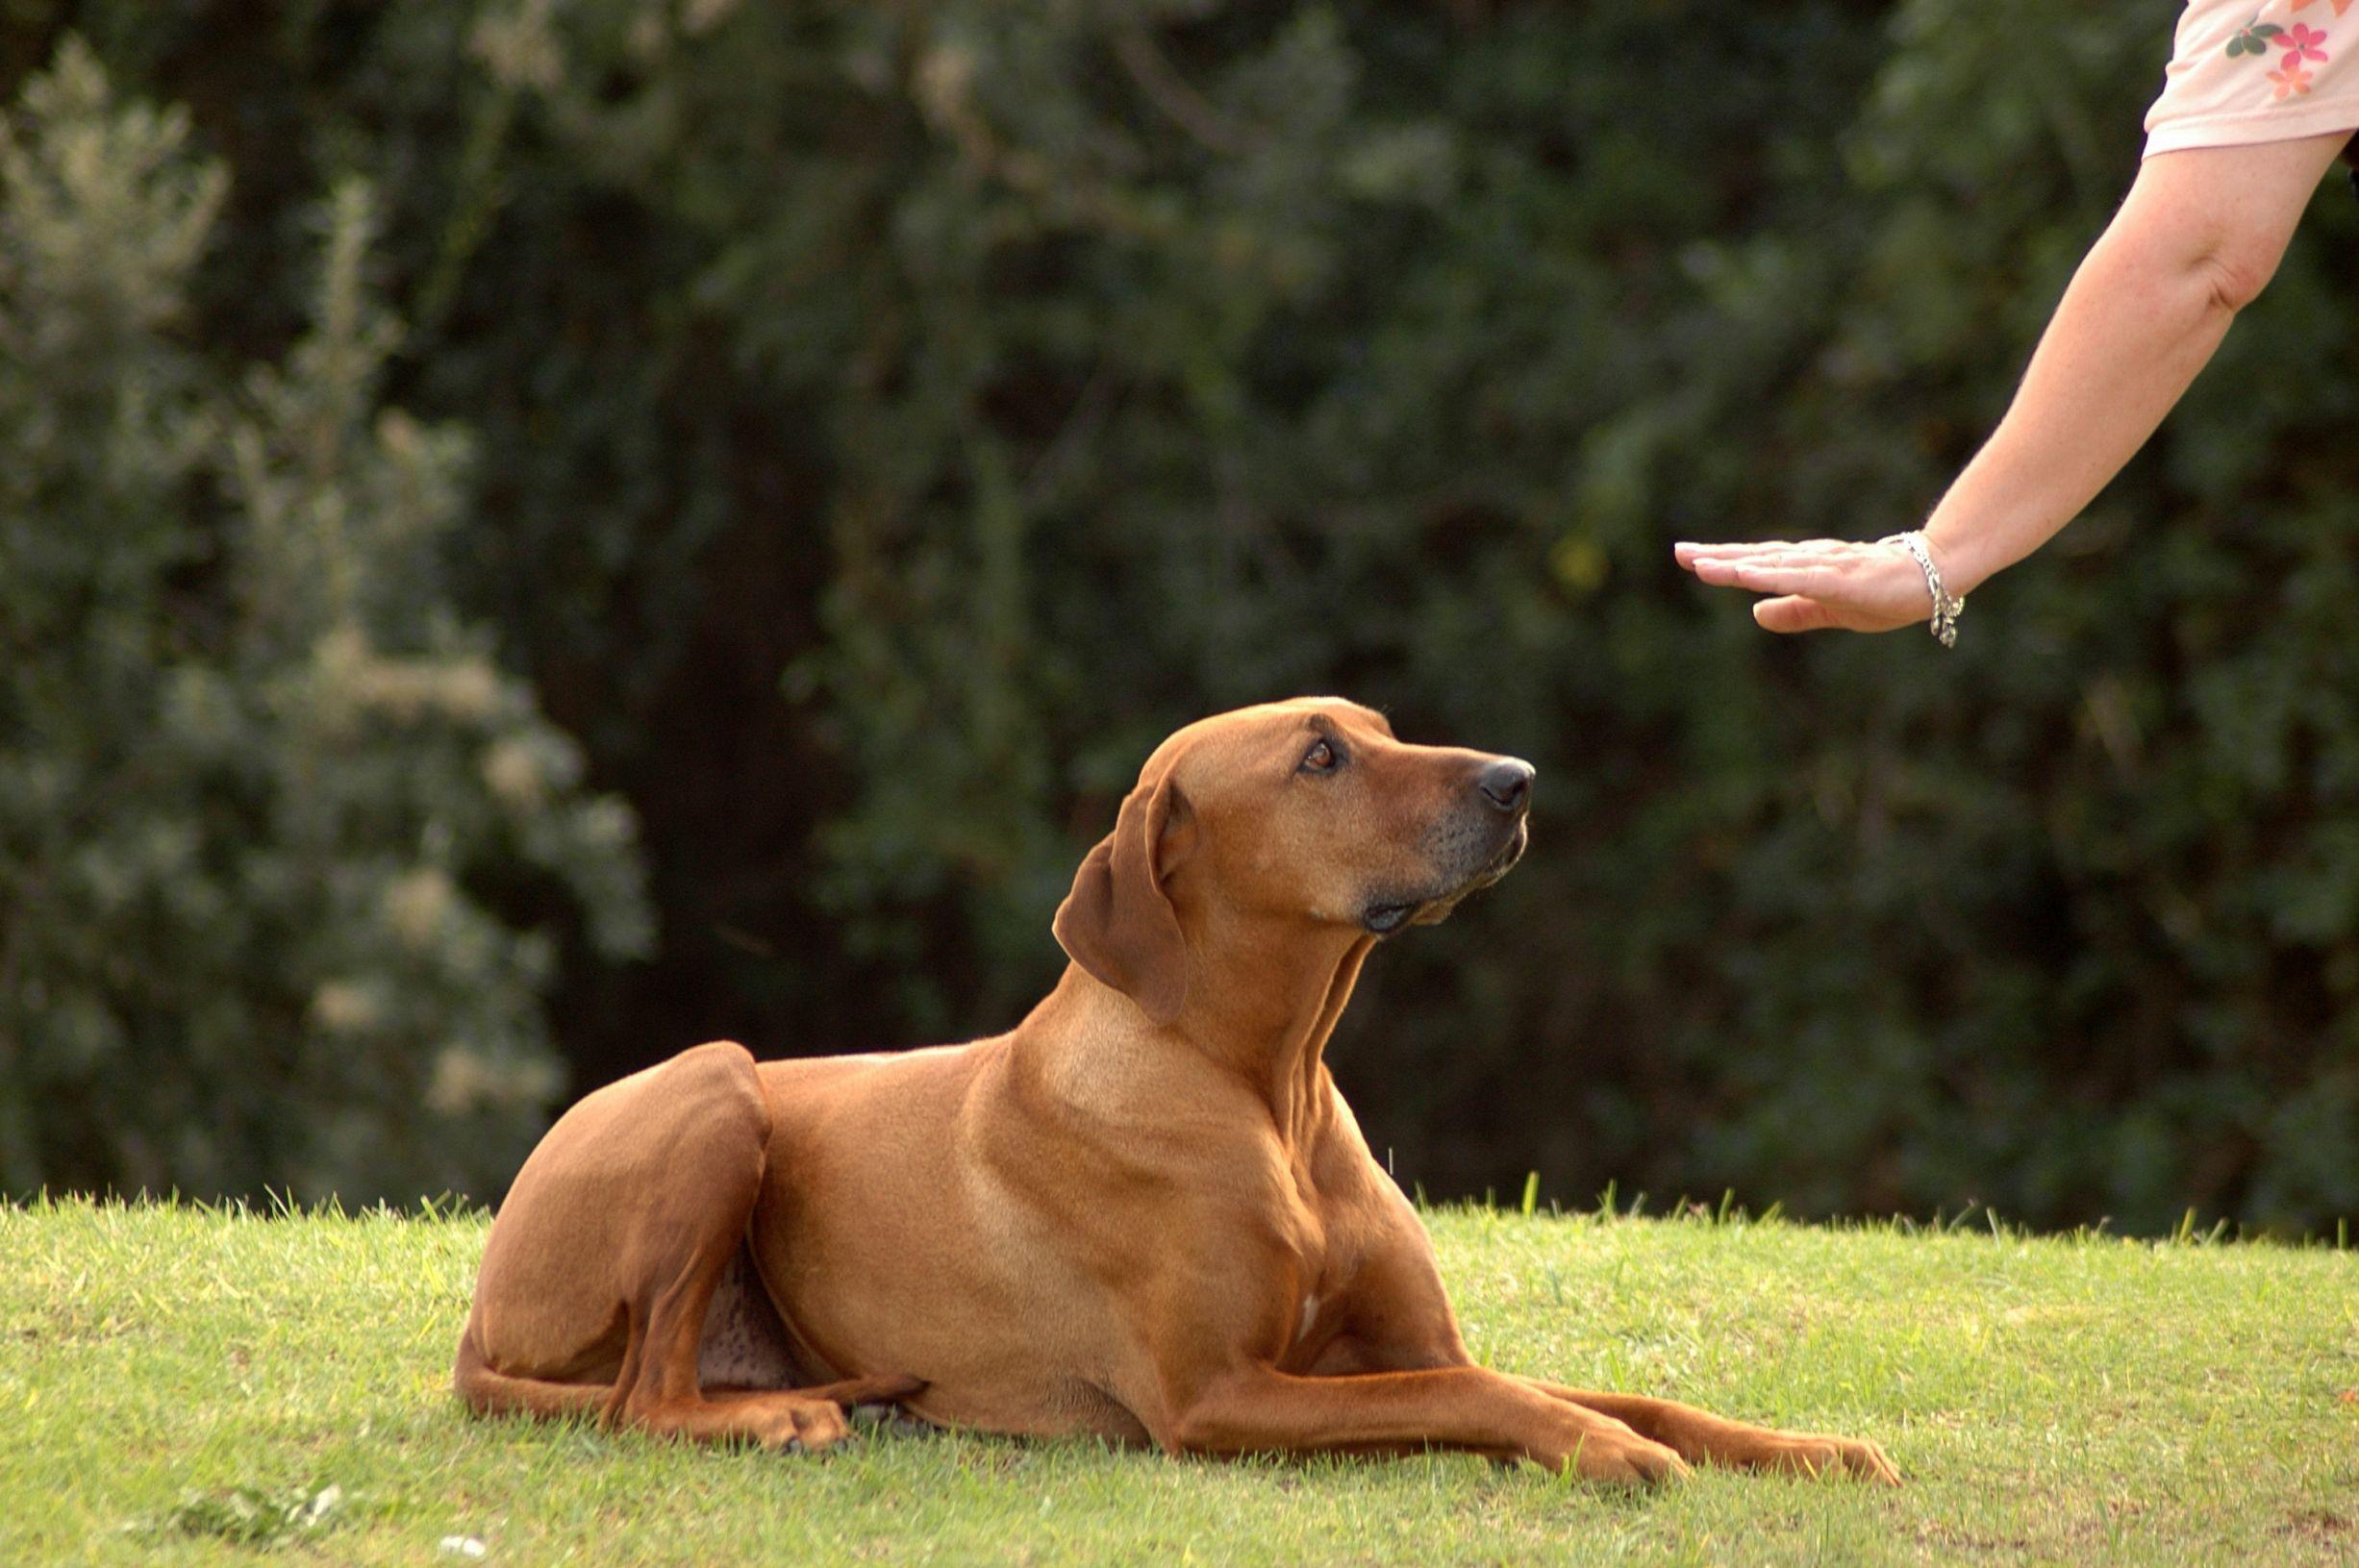 Quelle est l'importance de la récompense dans le dressage d'un chien ?